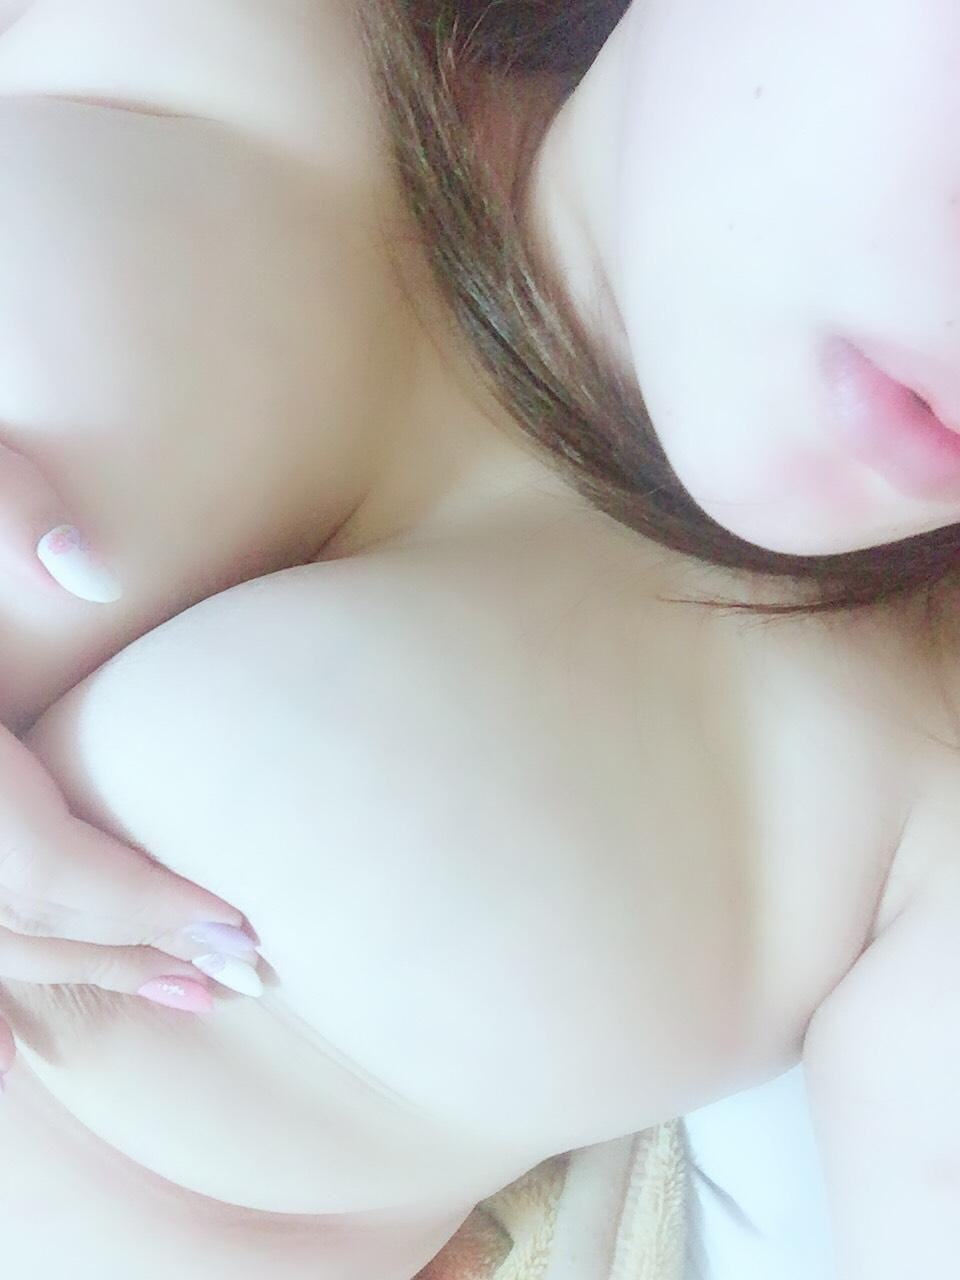 「お休みでしたww」07/10(07/10) 13:59   せりなの写メ・風俗動画